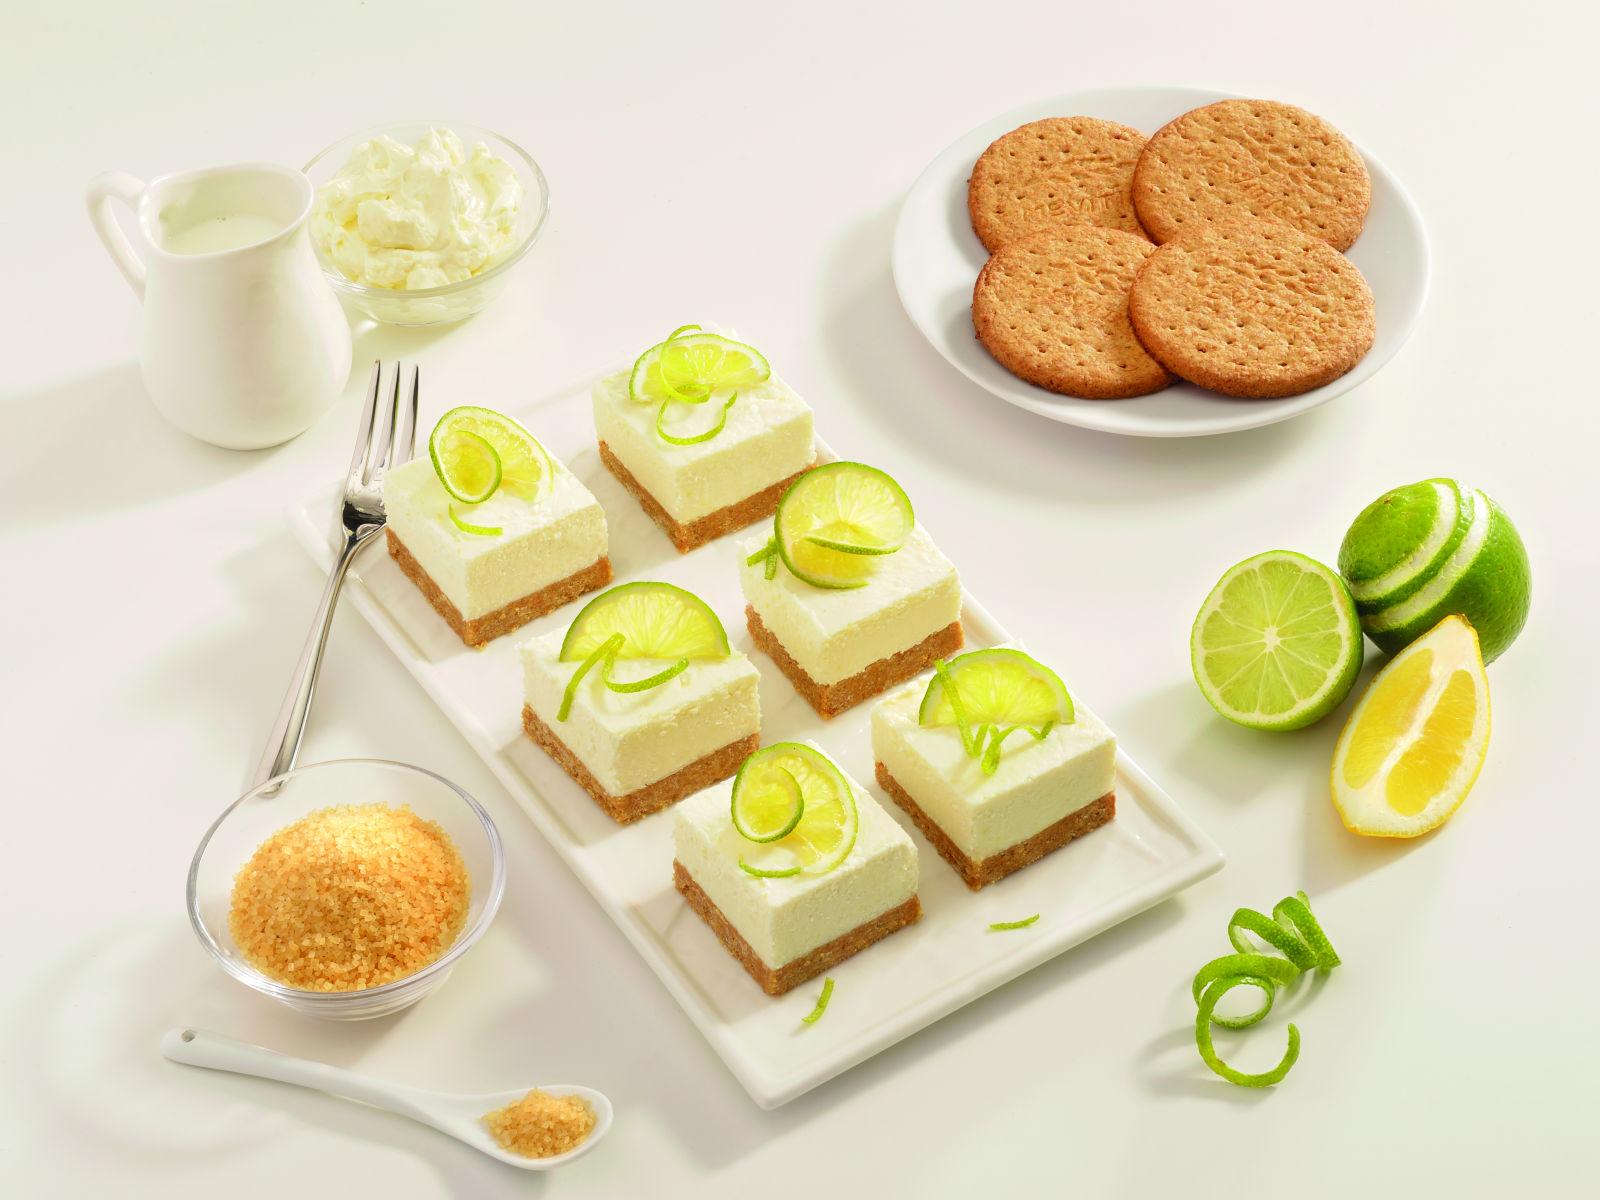 Μίνι Τσίζκεϊκ (cheesecake) με λεμόνι